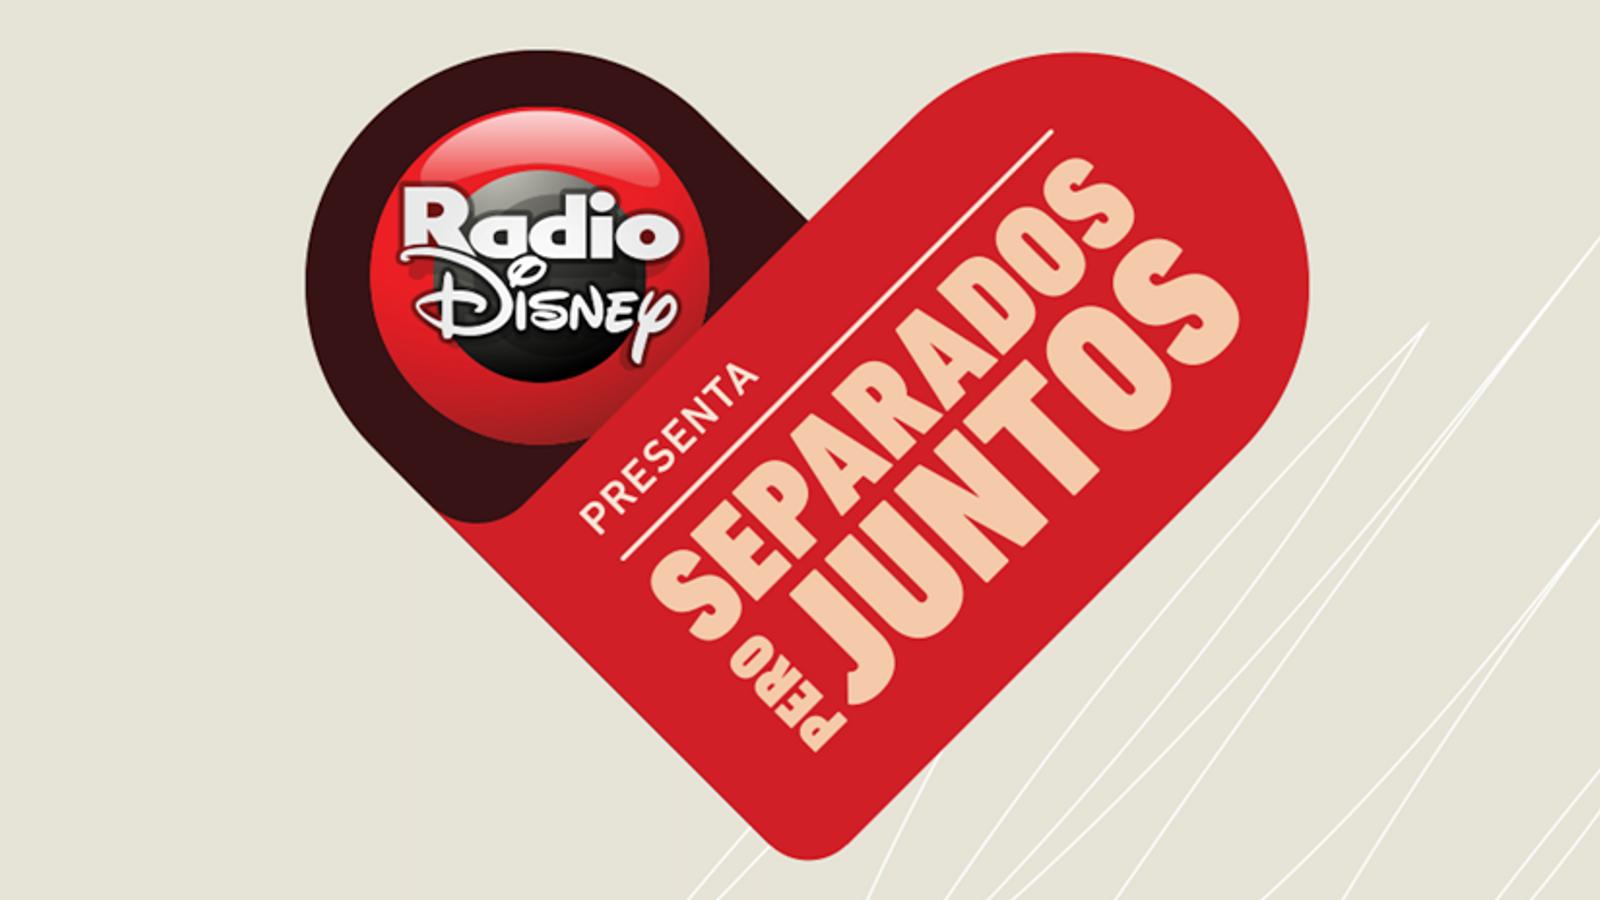 Los canales de televisión, radio y plataformas digitales de Disney unidos en un evento único.